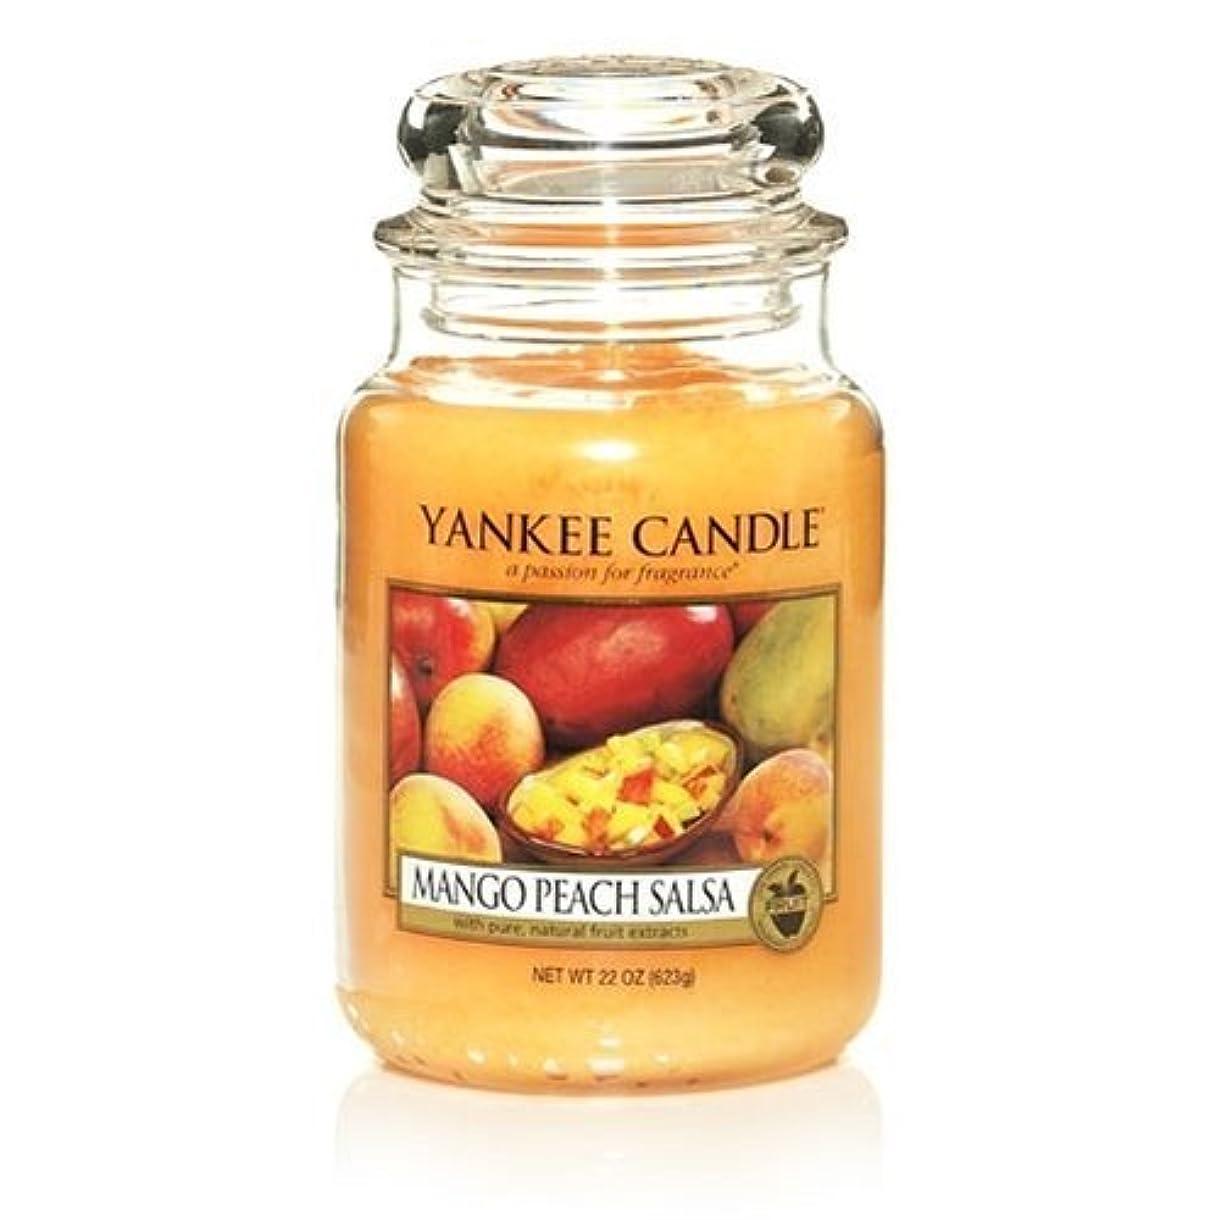 注入する確認してください聞くYankee Candle 22-Ounce Jar Scented Candle, Large, Mango Peach Salsa by Amazon source [並行輸入品]